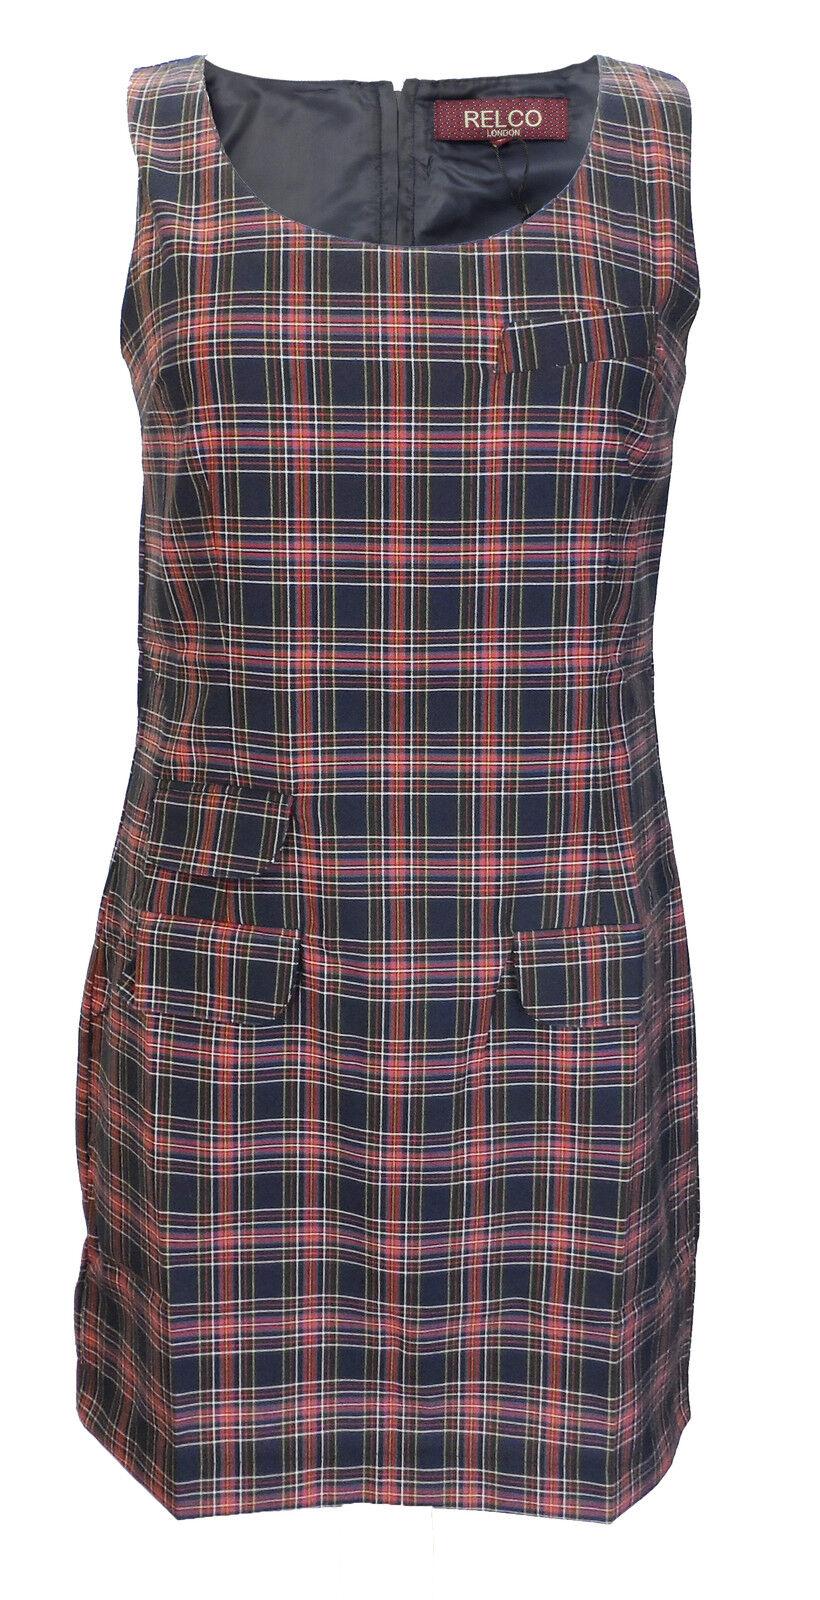 Damen Retro-Modern Marineblau Rot Schottenkaro Kinderkittel Tunika Kleid